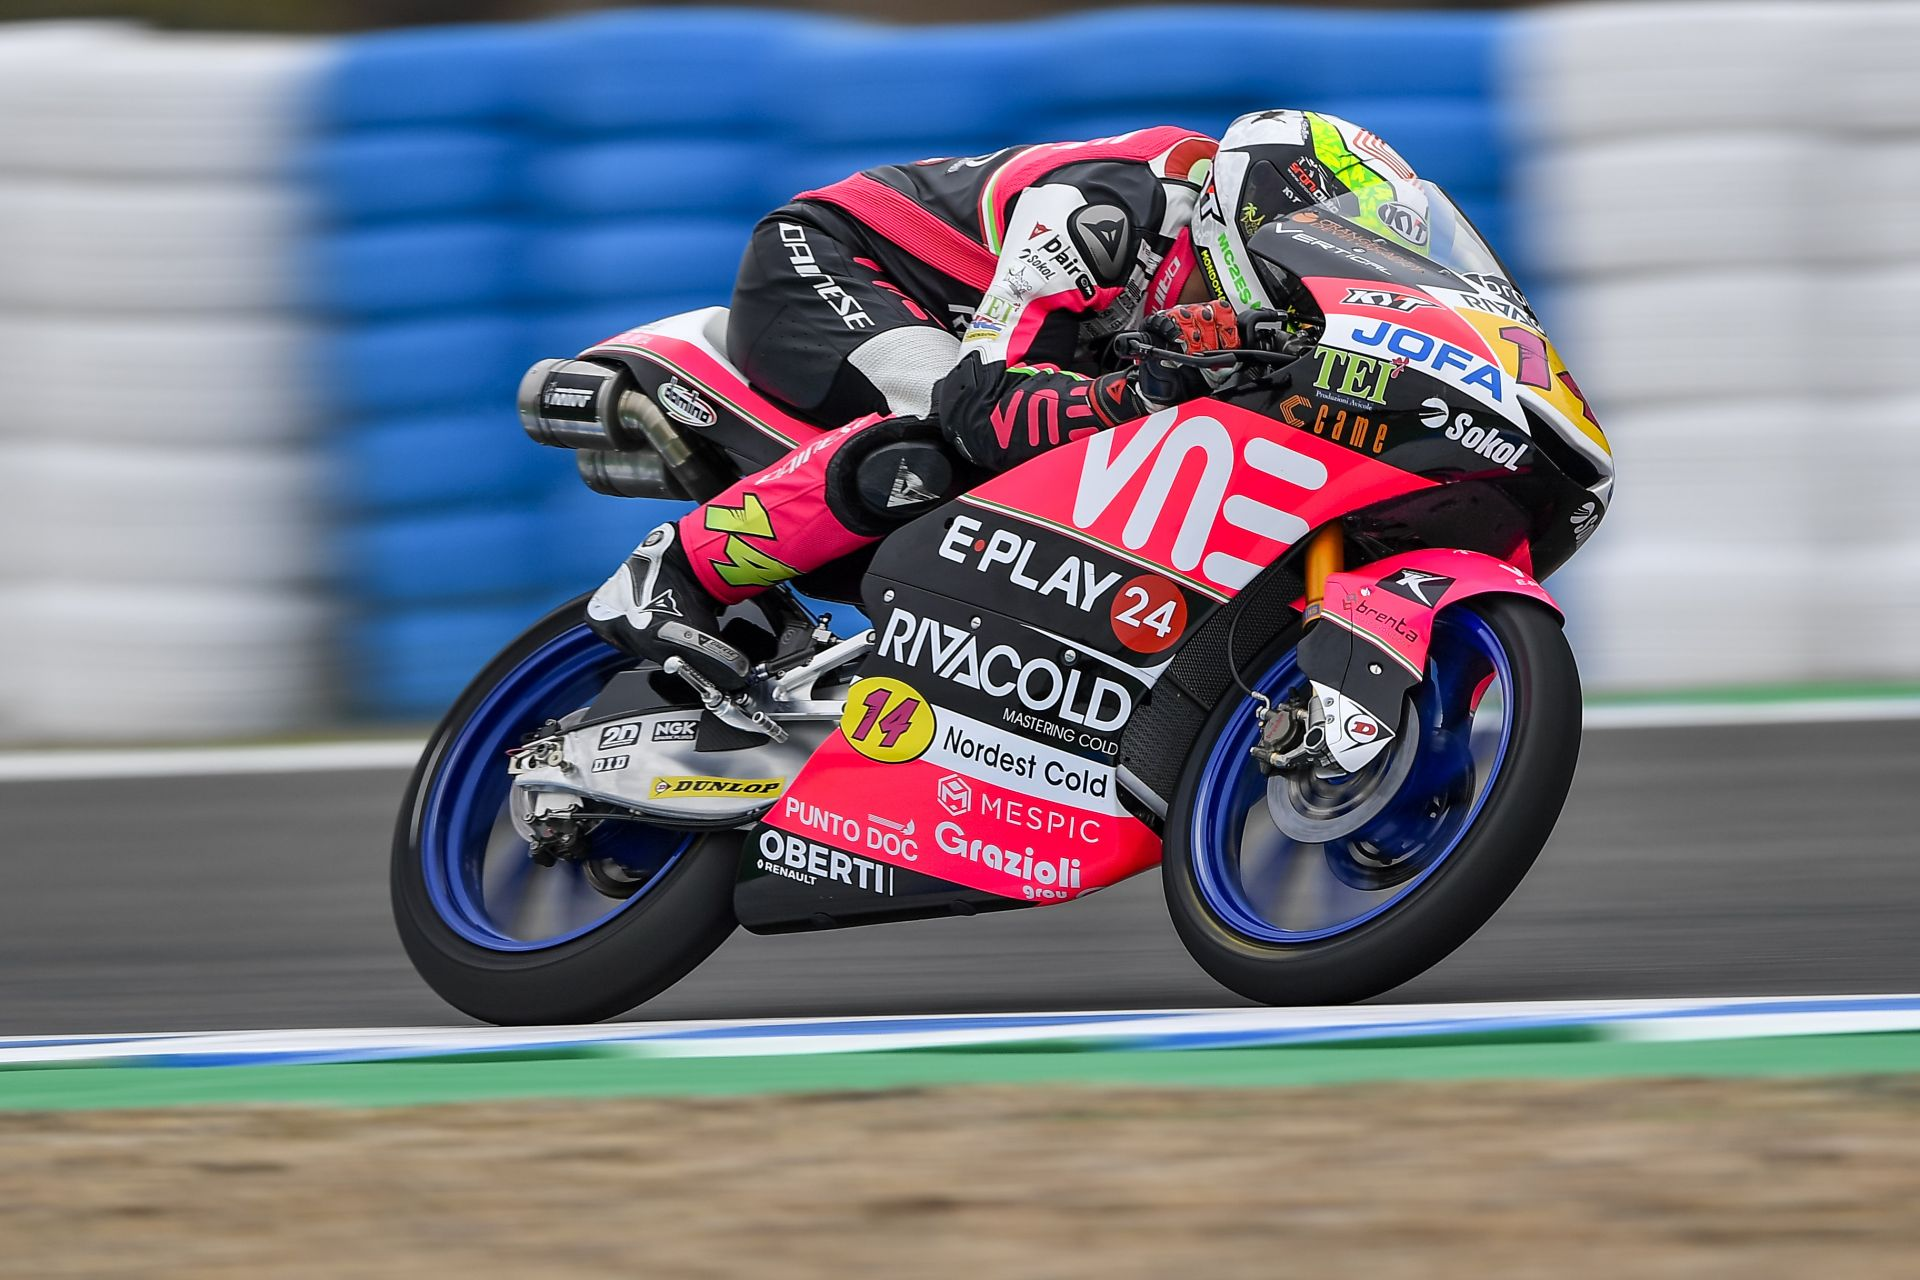 Tony Arbolino gana en Mugello y se convierte en el sexto ganador de Moto3